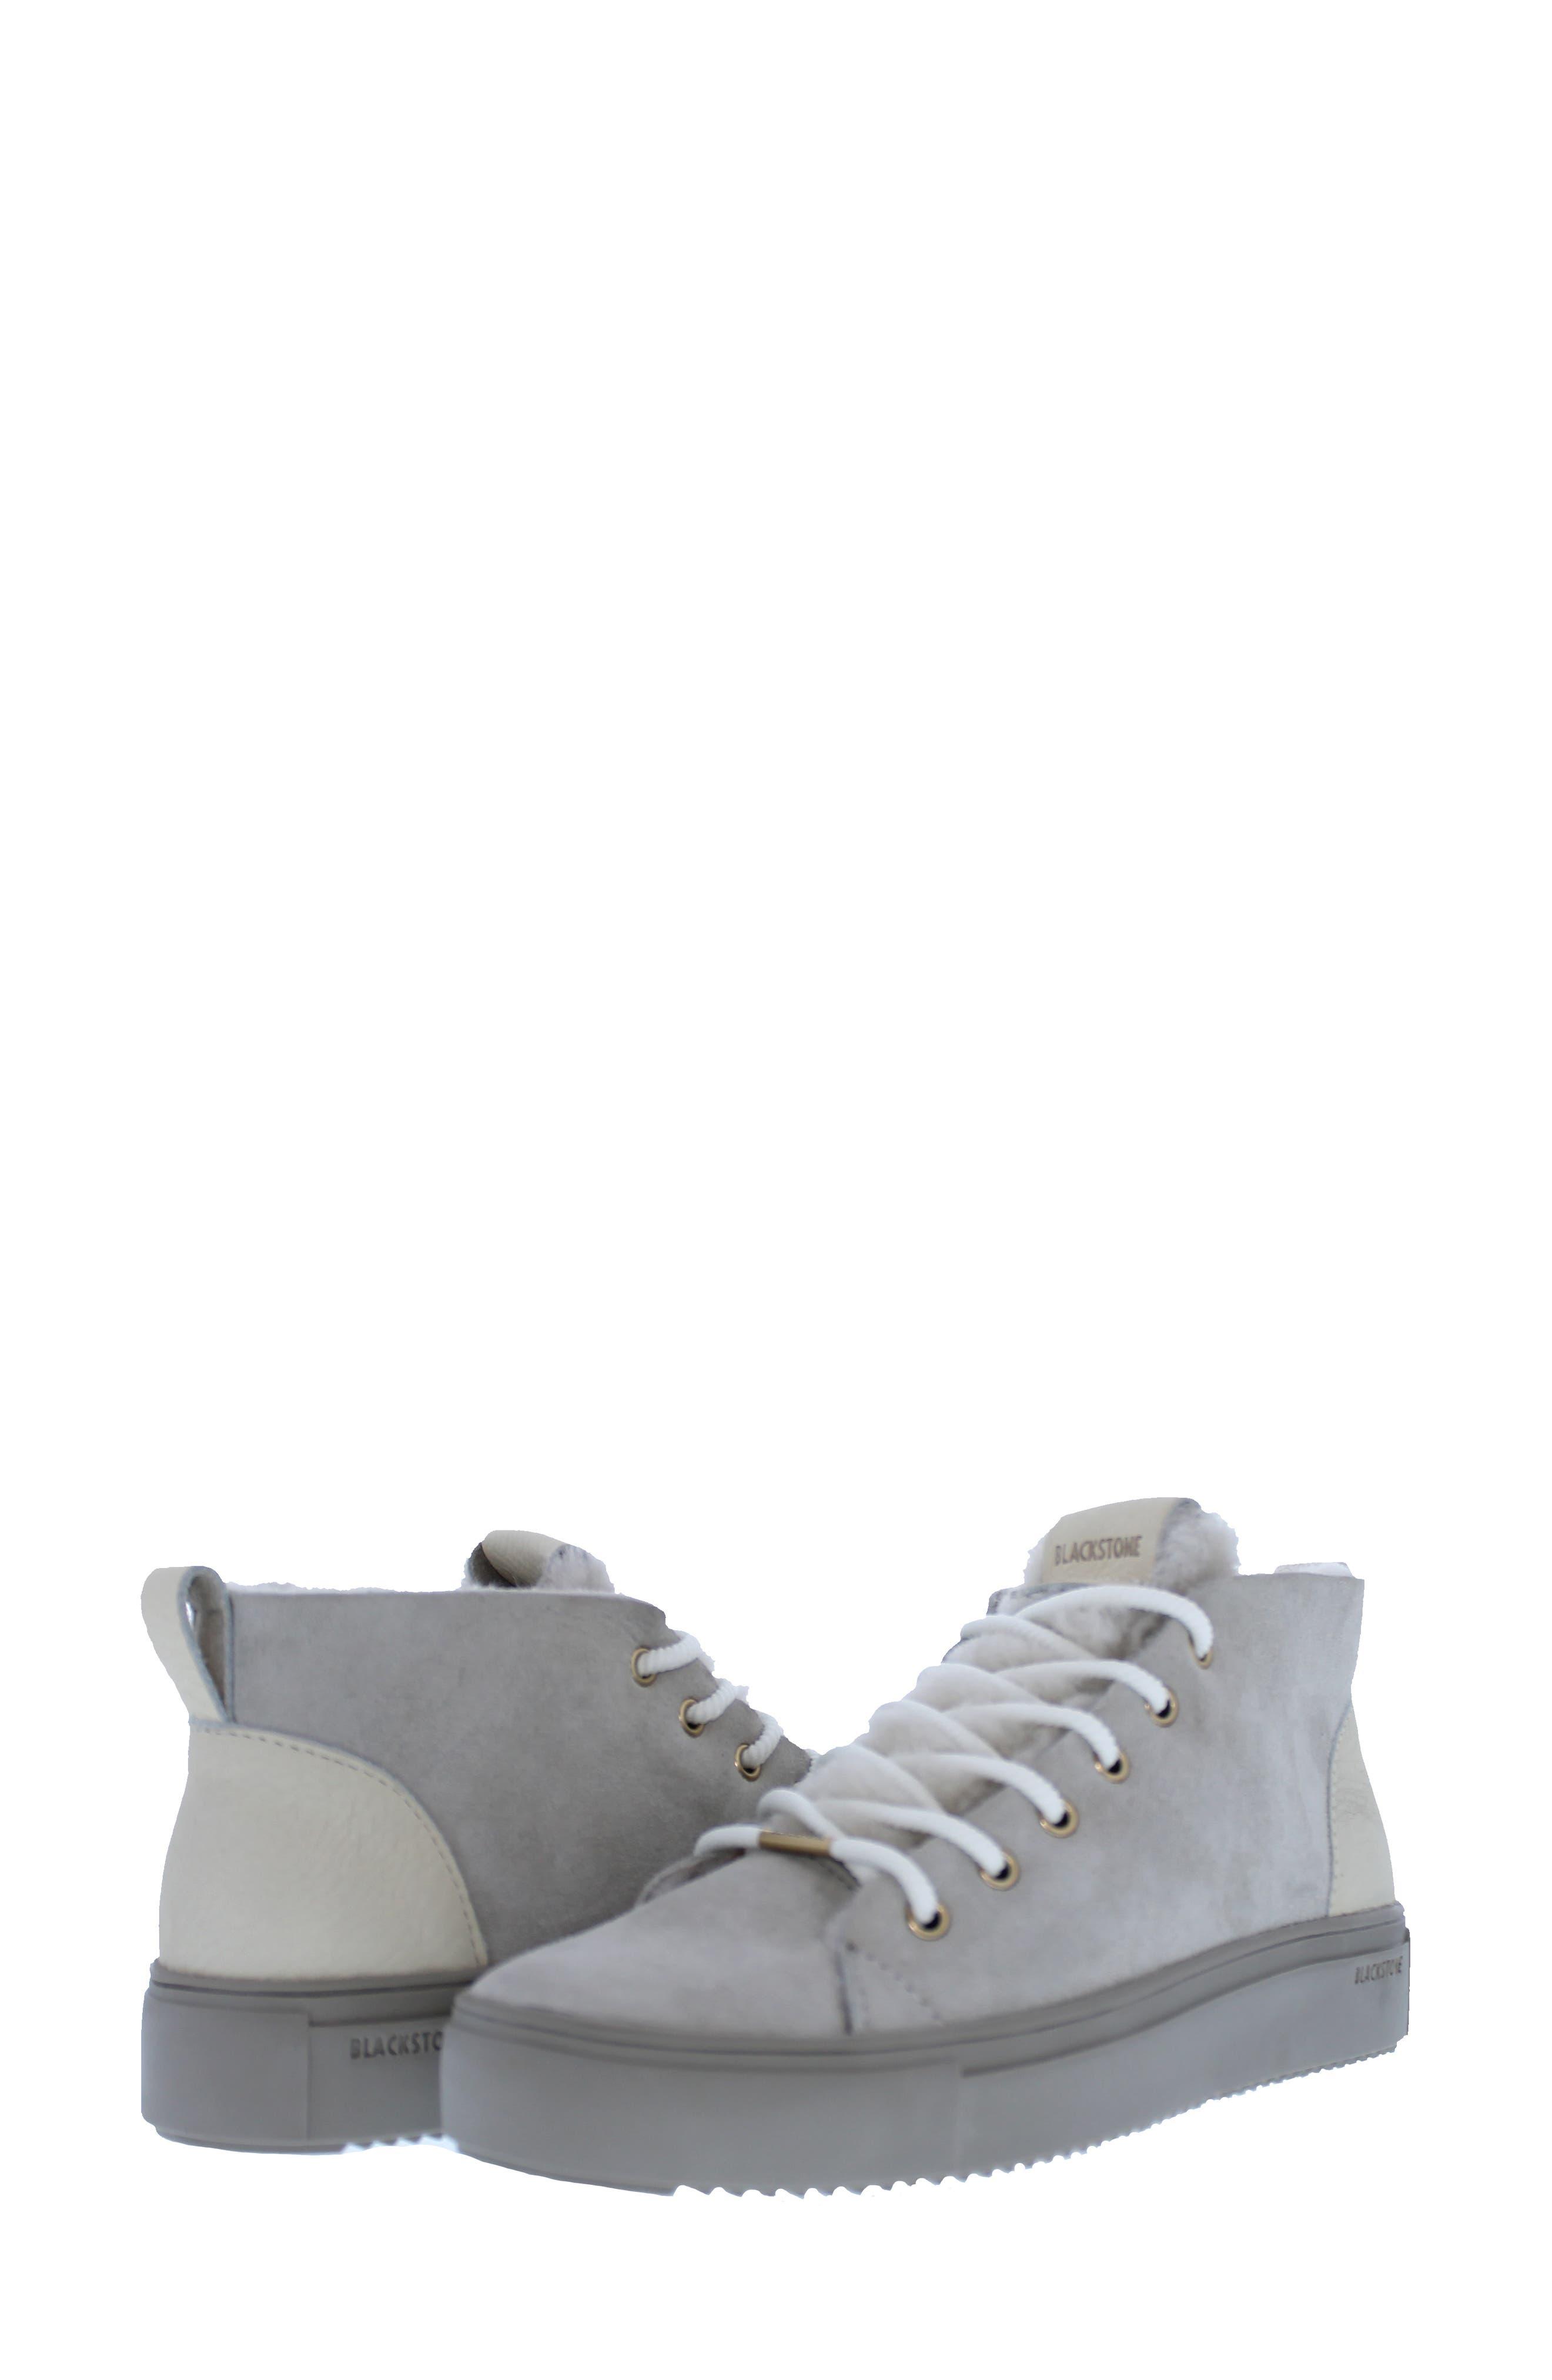 Women's Blackstone Sneakers \u0026 Athletic